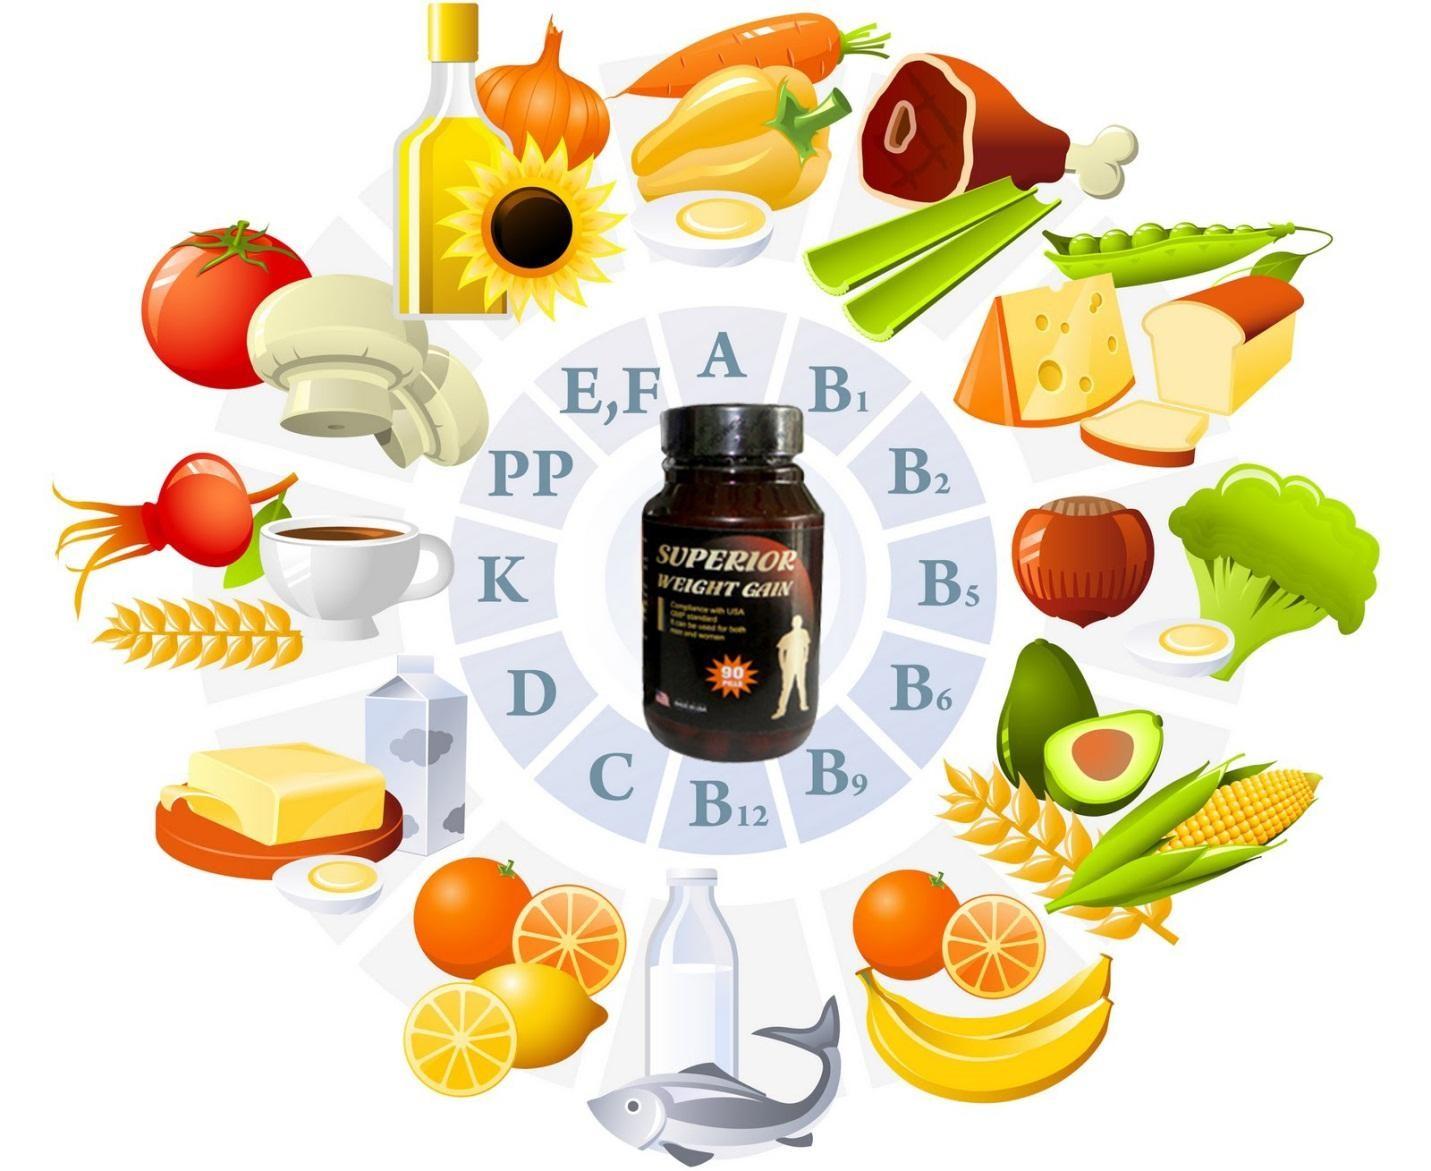 Thực phẩm chức năng và thuốc là hai sản phẩm hoàn toàn khác nhau